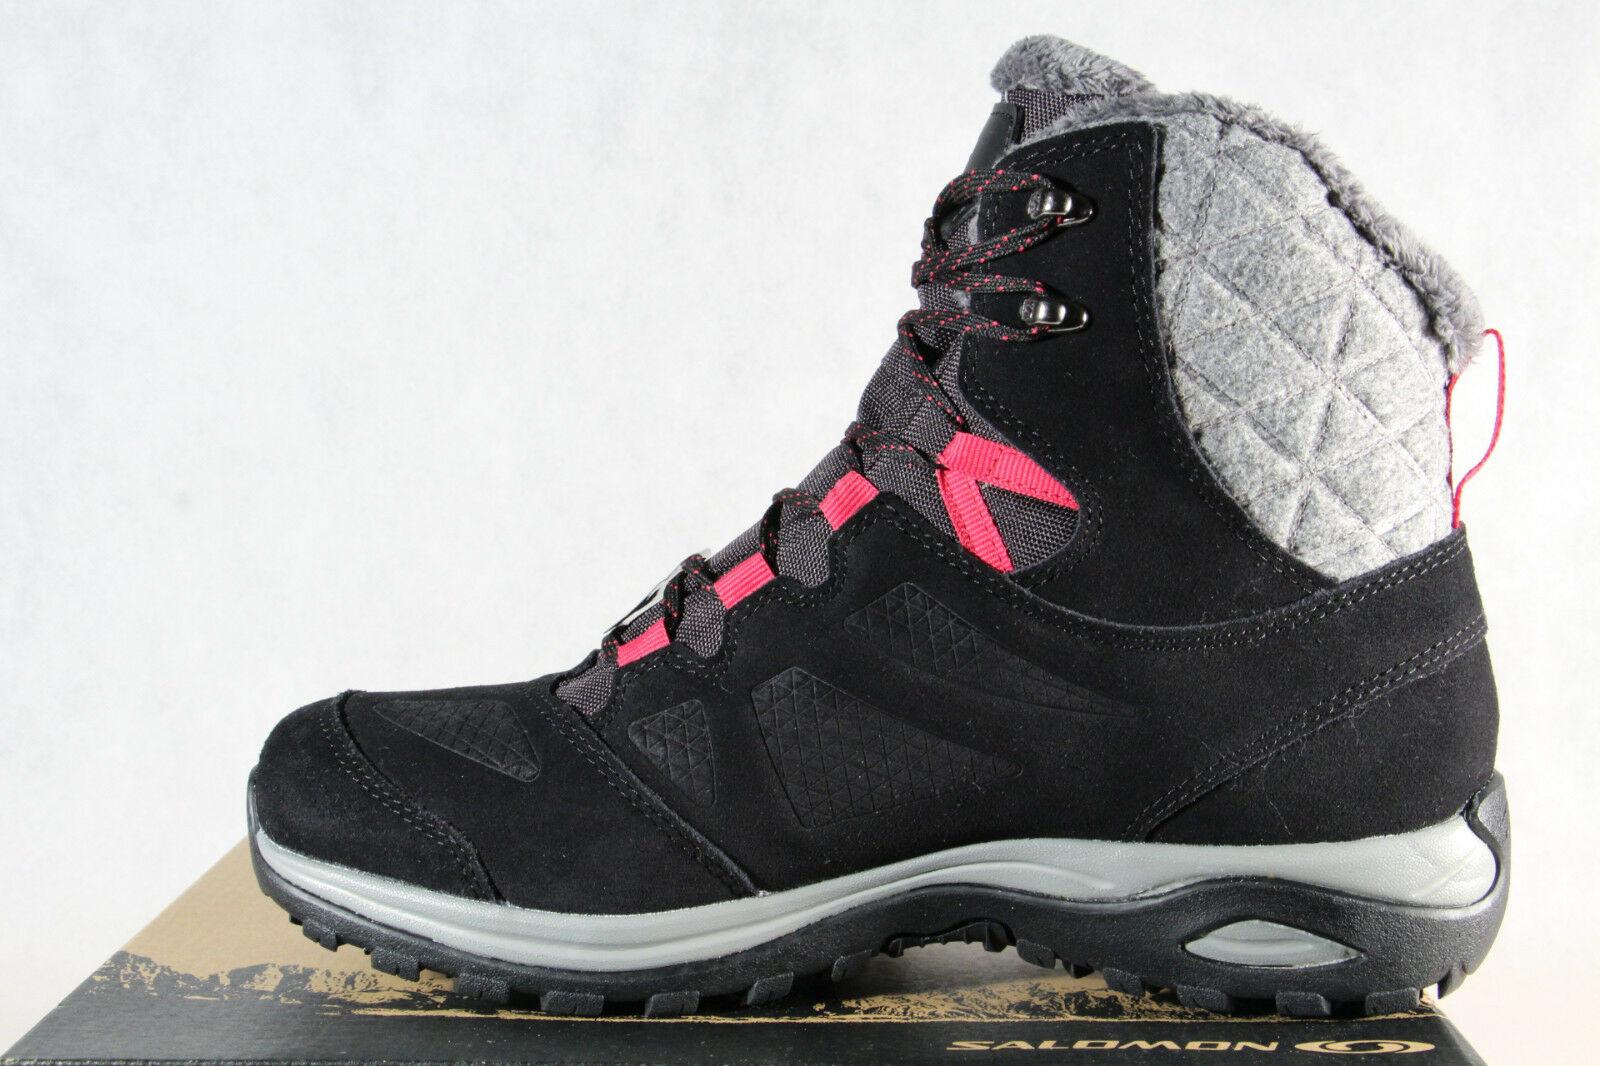 Salomon ELLIPSE WINTER GTX Stiefel 404699 Boots schwarz wasserdicht Gore Tex NEU